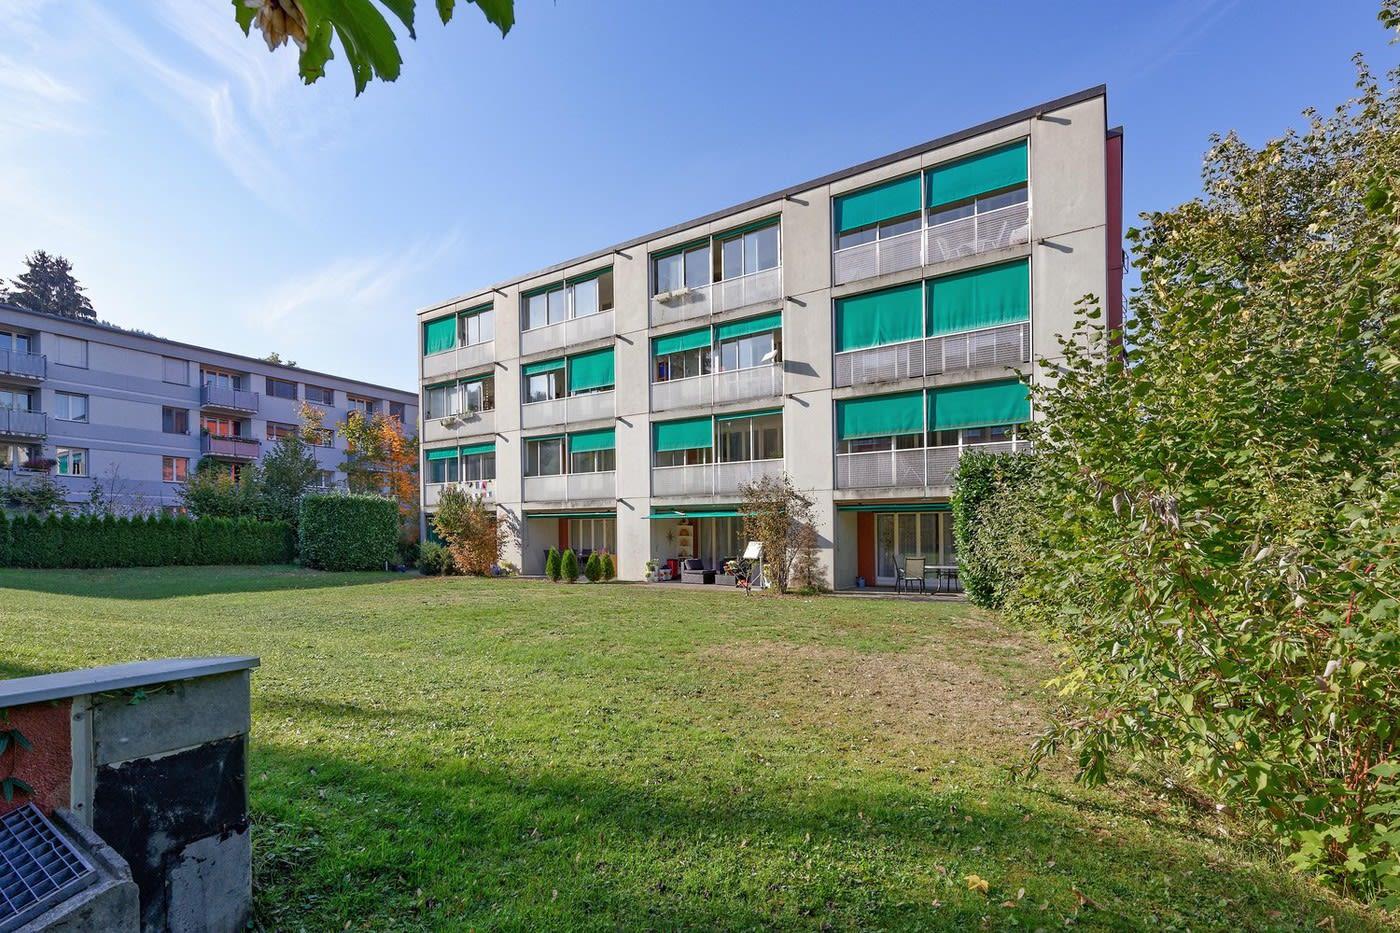 Einsiedlerstrasse 236